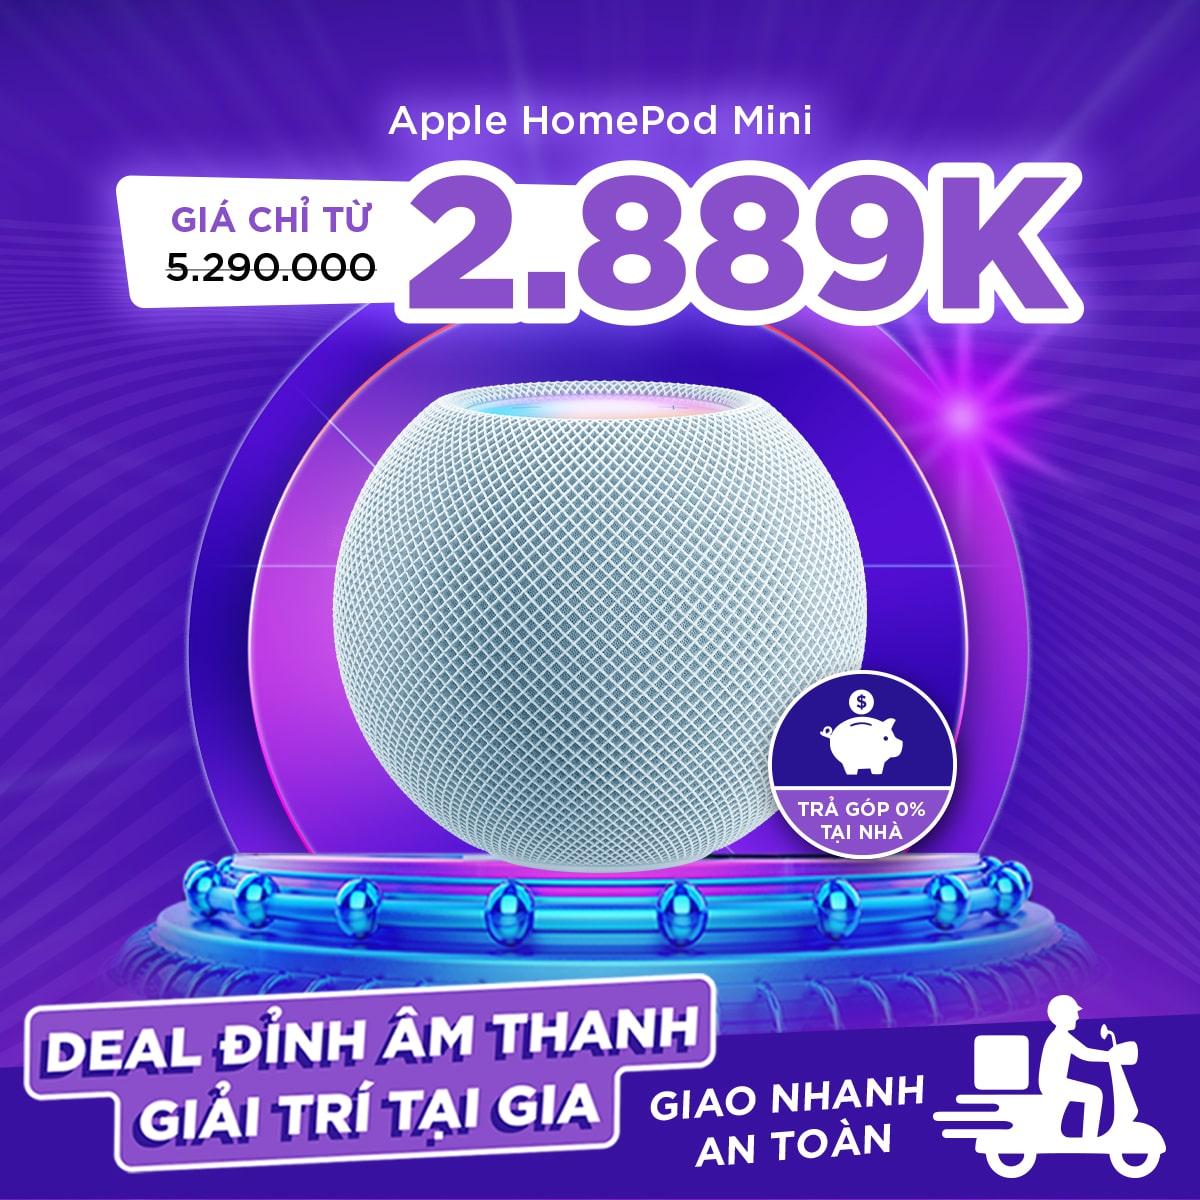 Loa Thông Minh Apple HomePod Mini Mới Chính Hãng